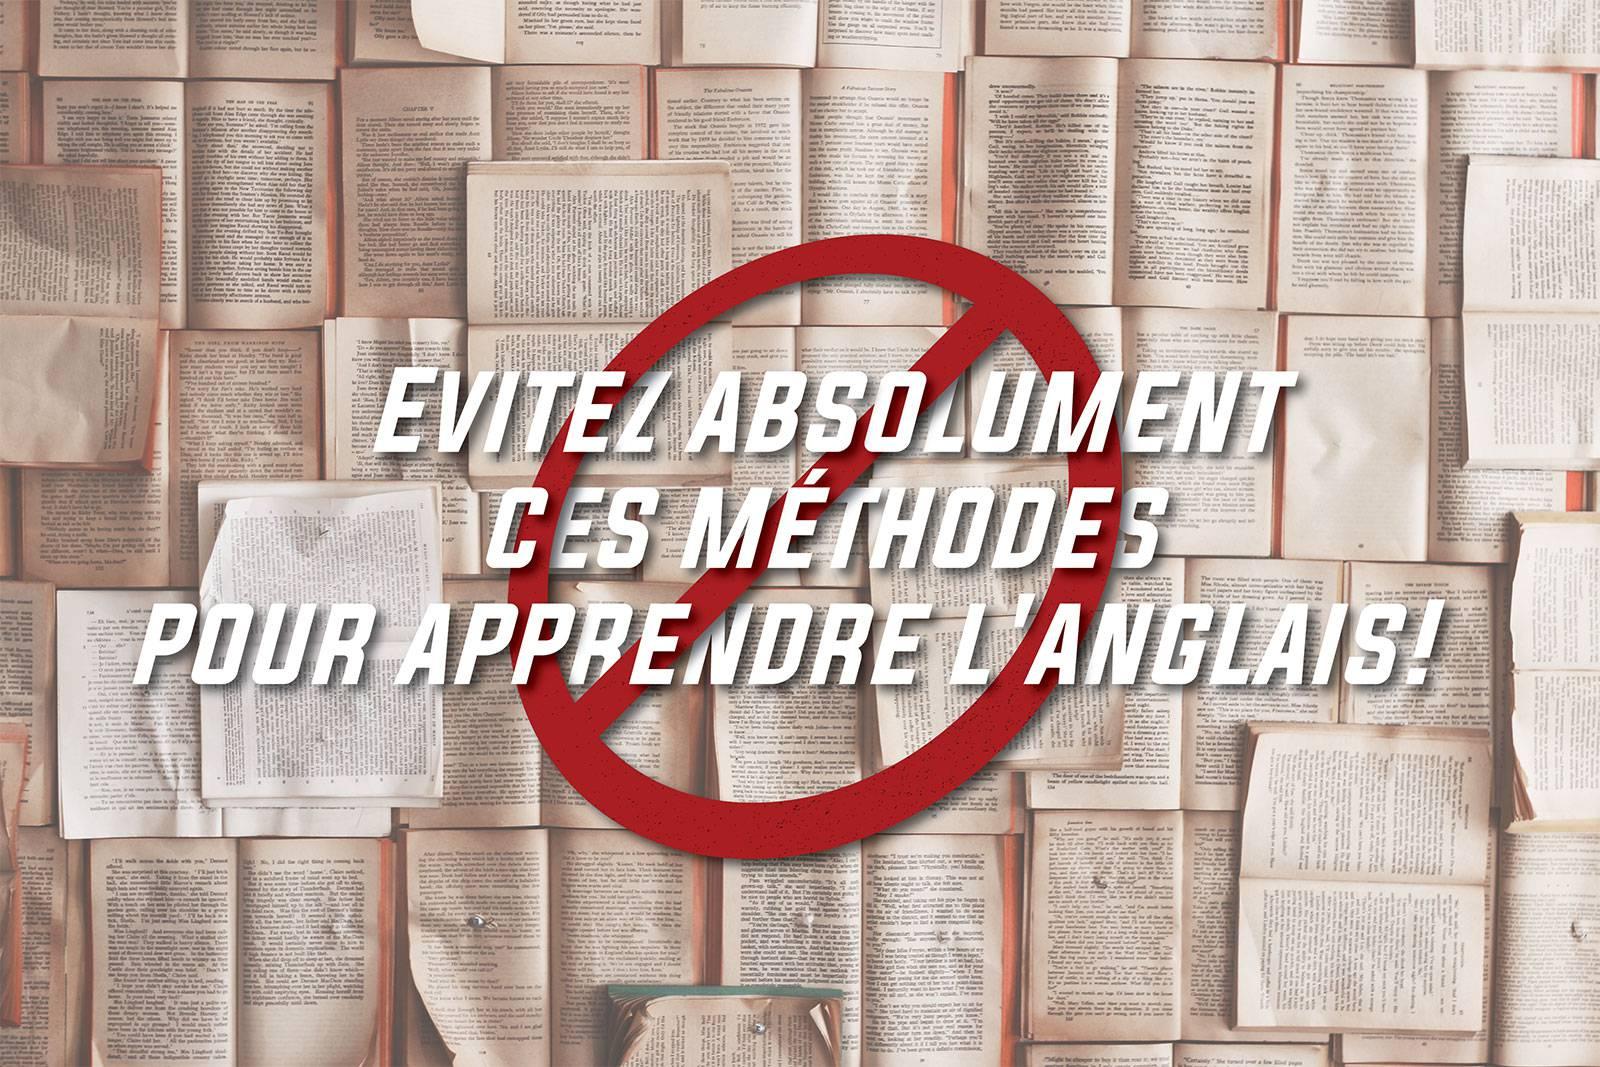 Evitez absolument ces méthodes pour apprendre l'anglais